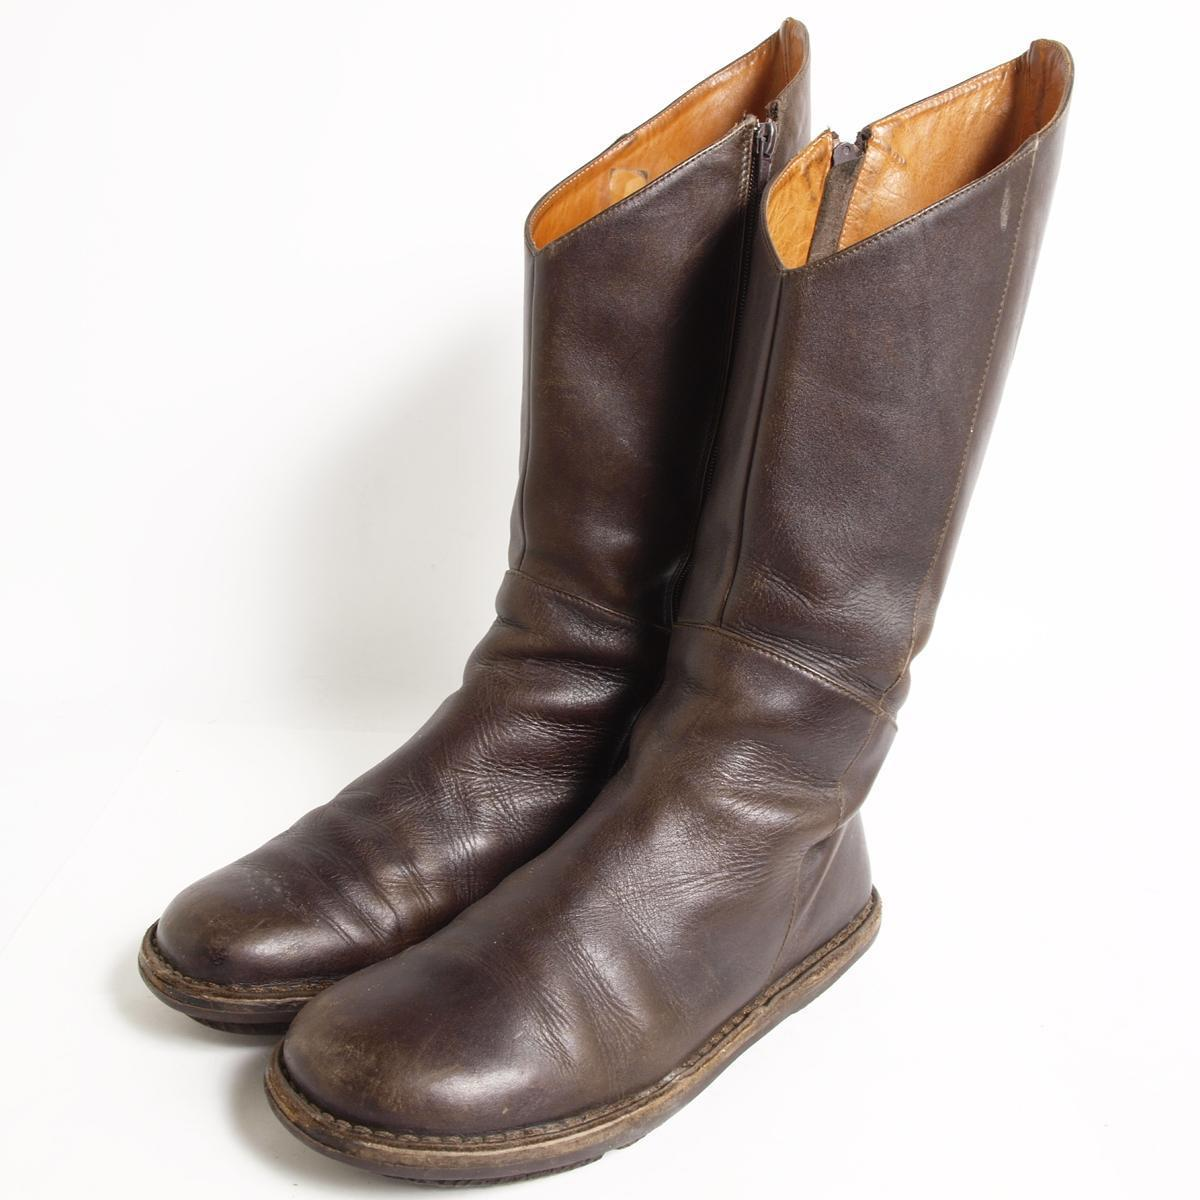 トリッペン デザインドブーツ 40 メンズ25.0cm Trippen /bok1670 【中古】 【170121】【US1803-1】